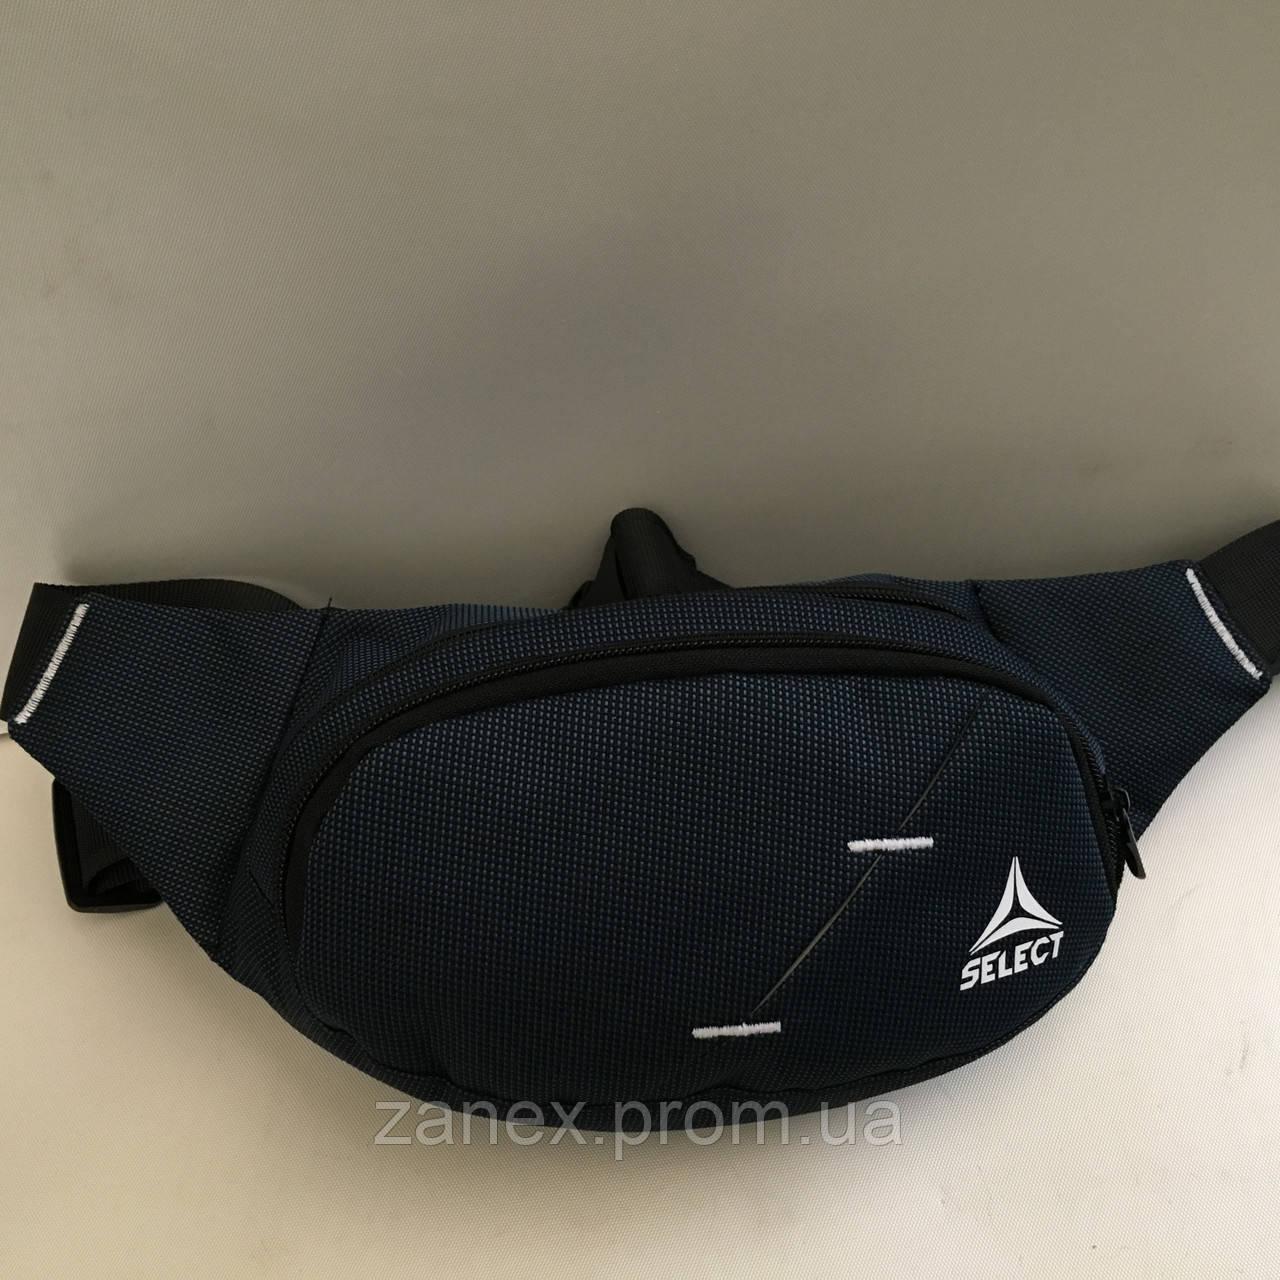 Поясная сумка синяя Select 2 отделения (Бананка, Сумка на пояс, сумка на плечо)